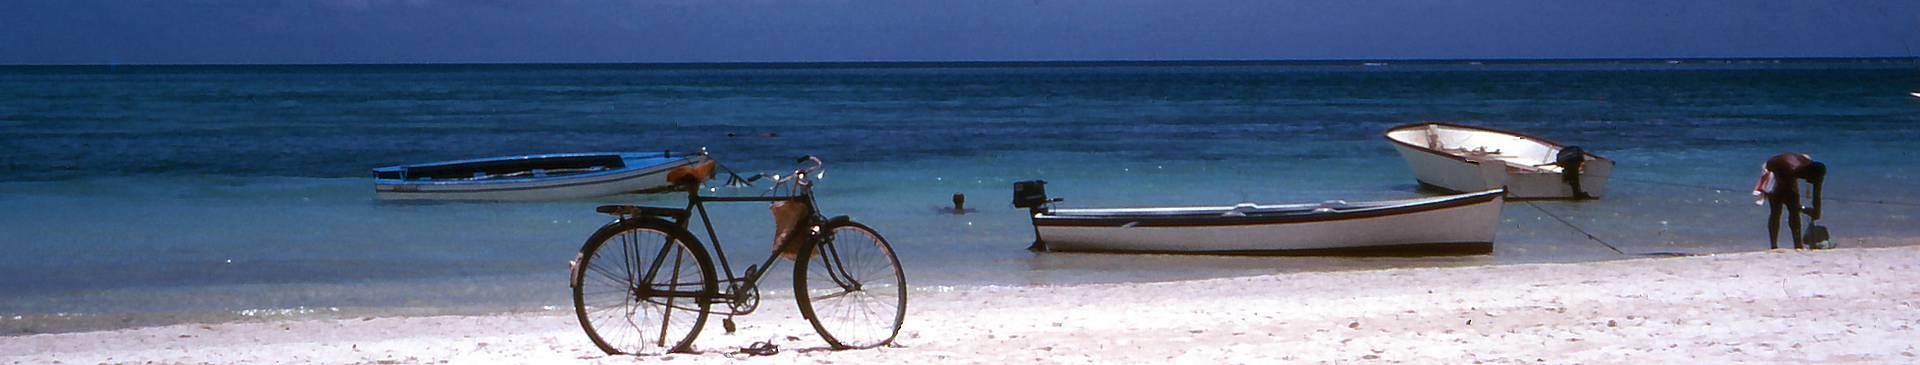 Viaggi a Mauritius in inverno